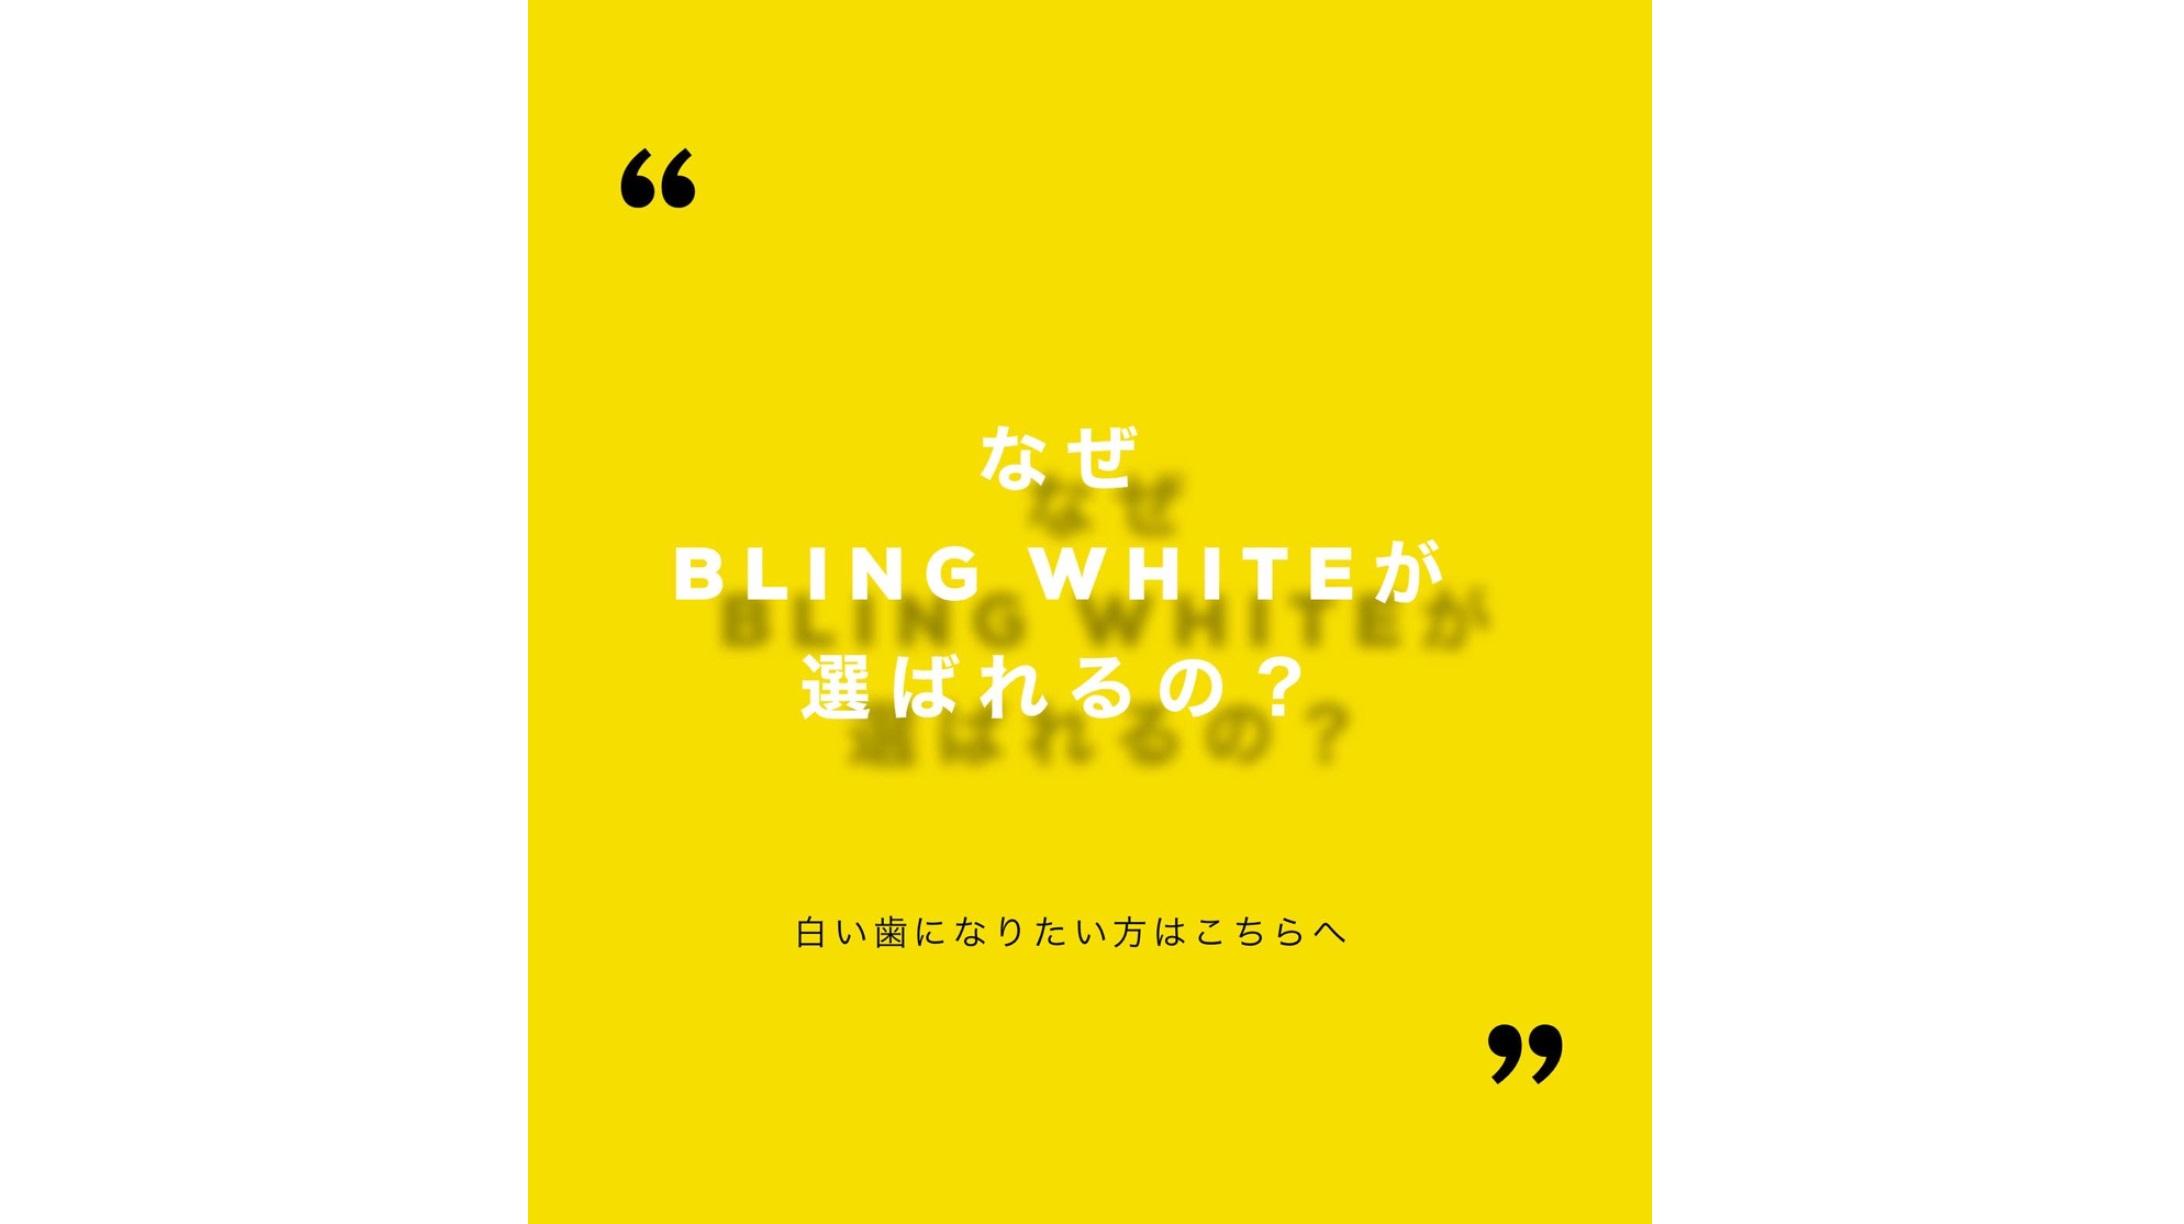 BLING WHITEを選ぶ理由は・・・